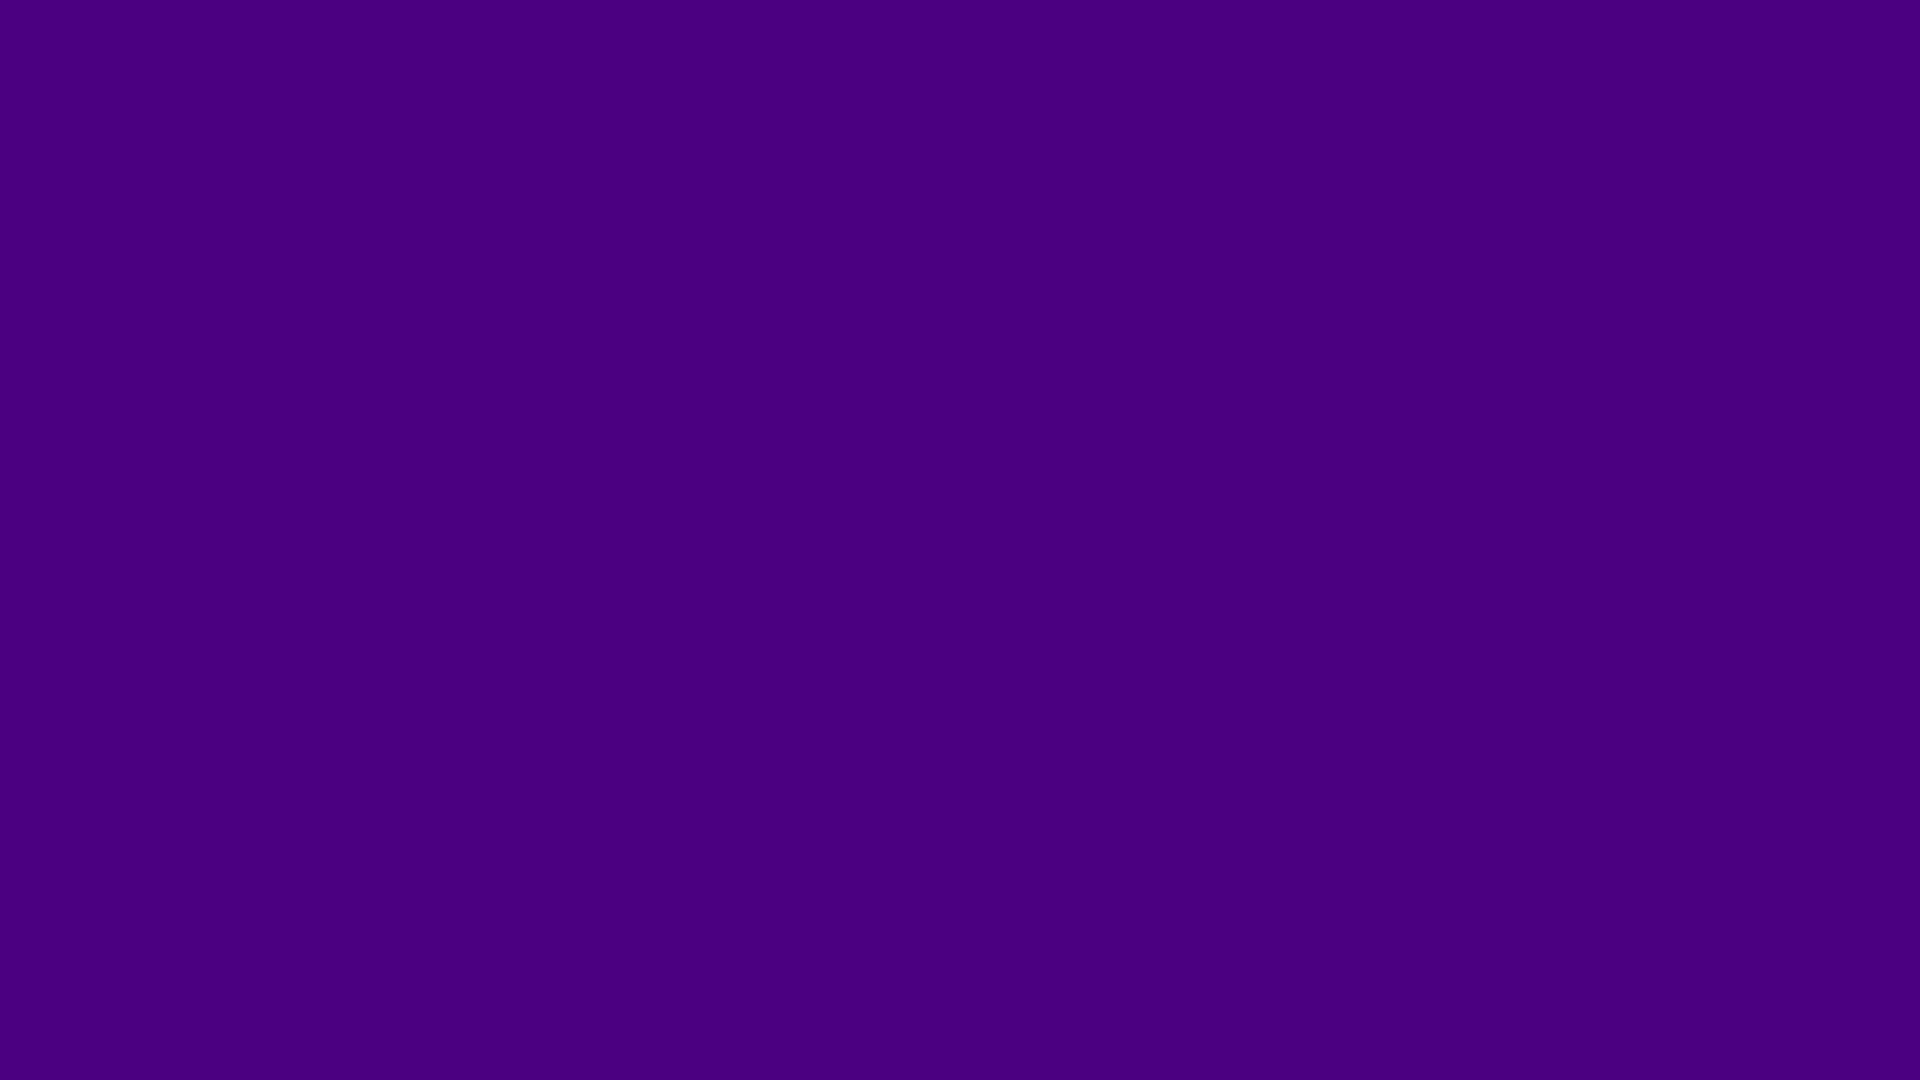 1920x1080 Indigo Web Solid Color Background